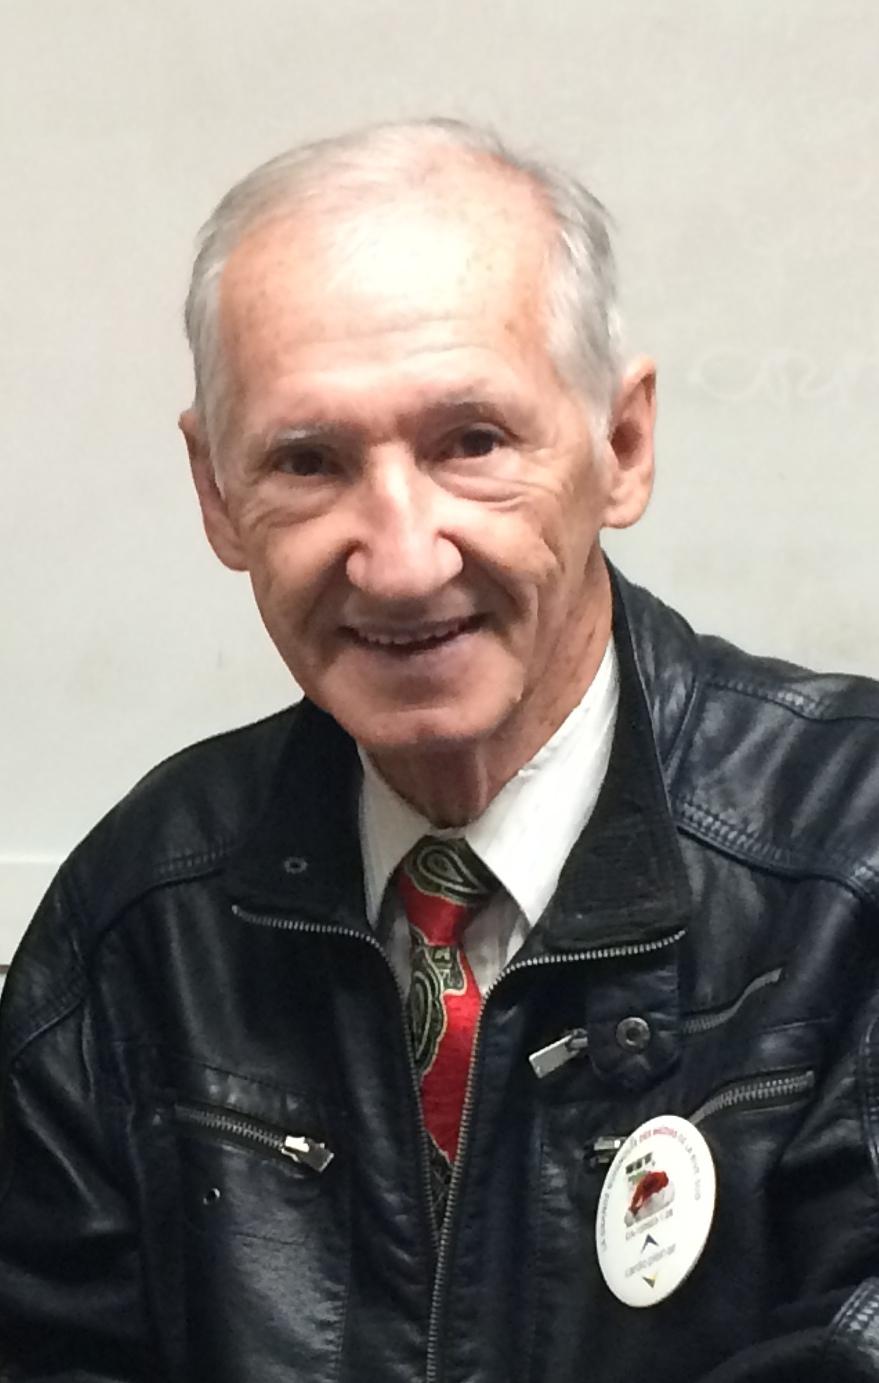 Jean-Marie Girard